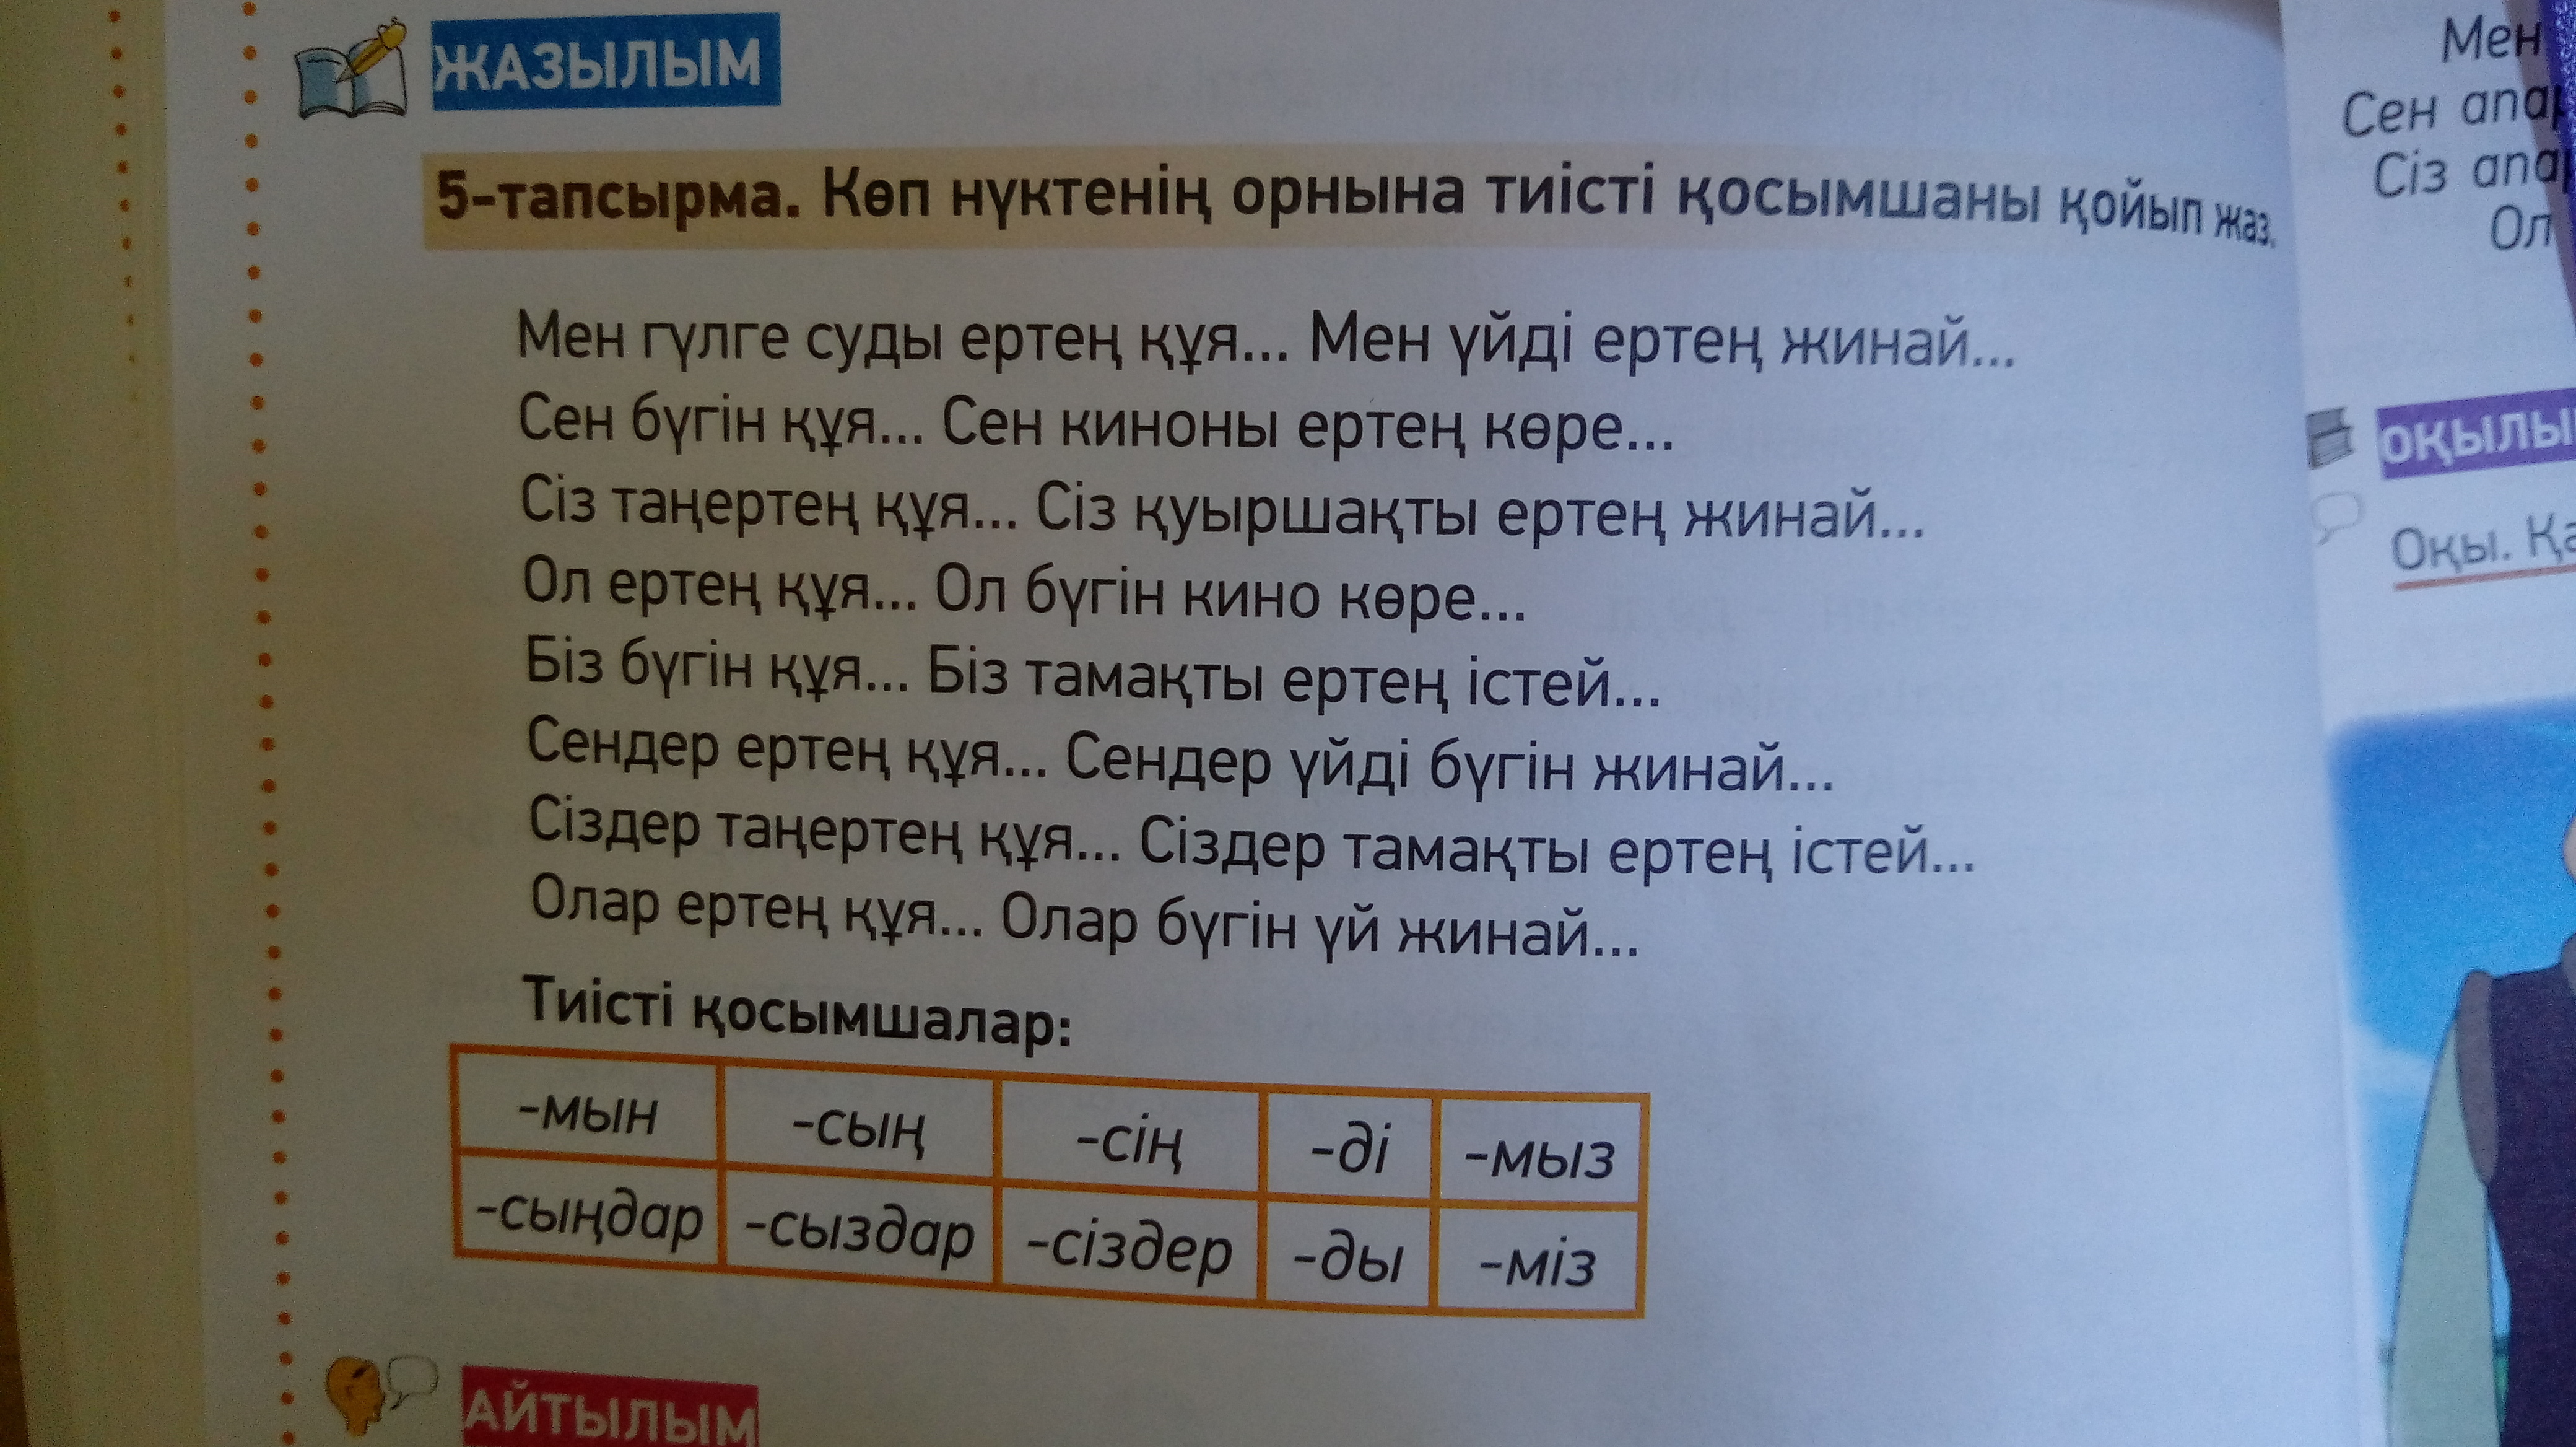 Помогите пожалуйста с казахским языком. Огромное